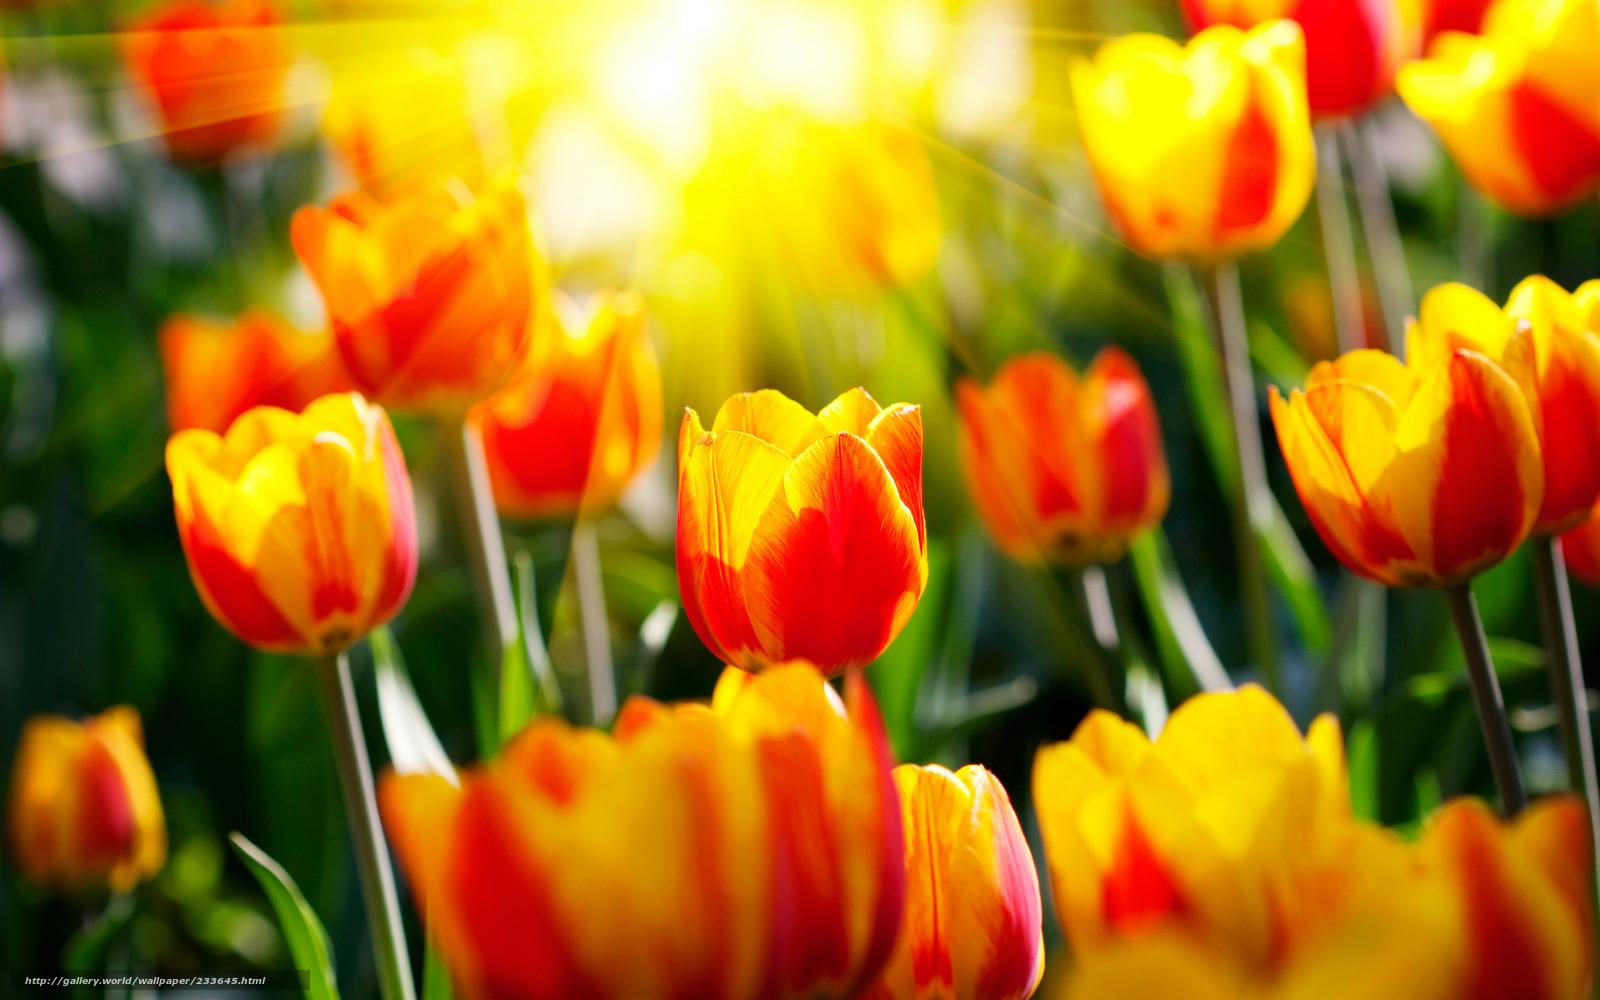 122594 (Цветы, тюльпаны, светл, весна, весенние обои, солнце, лучи, сад, парки, фото, природа, красивые обои для...